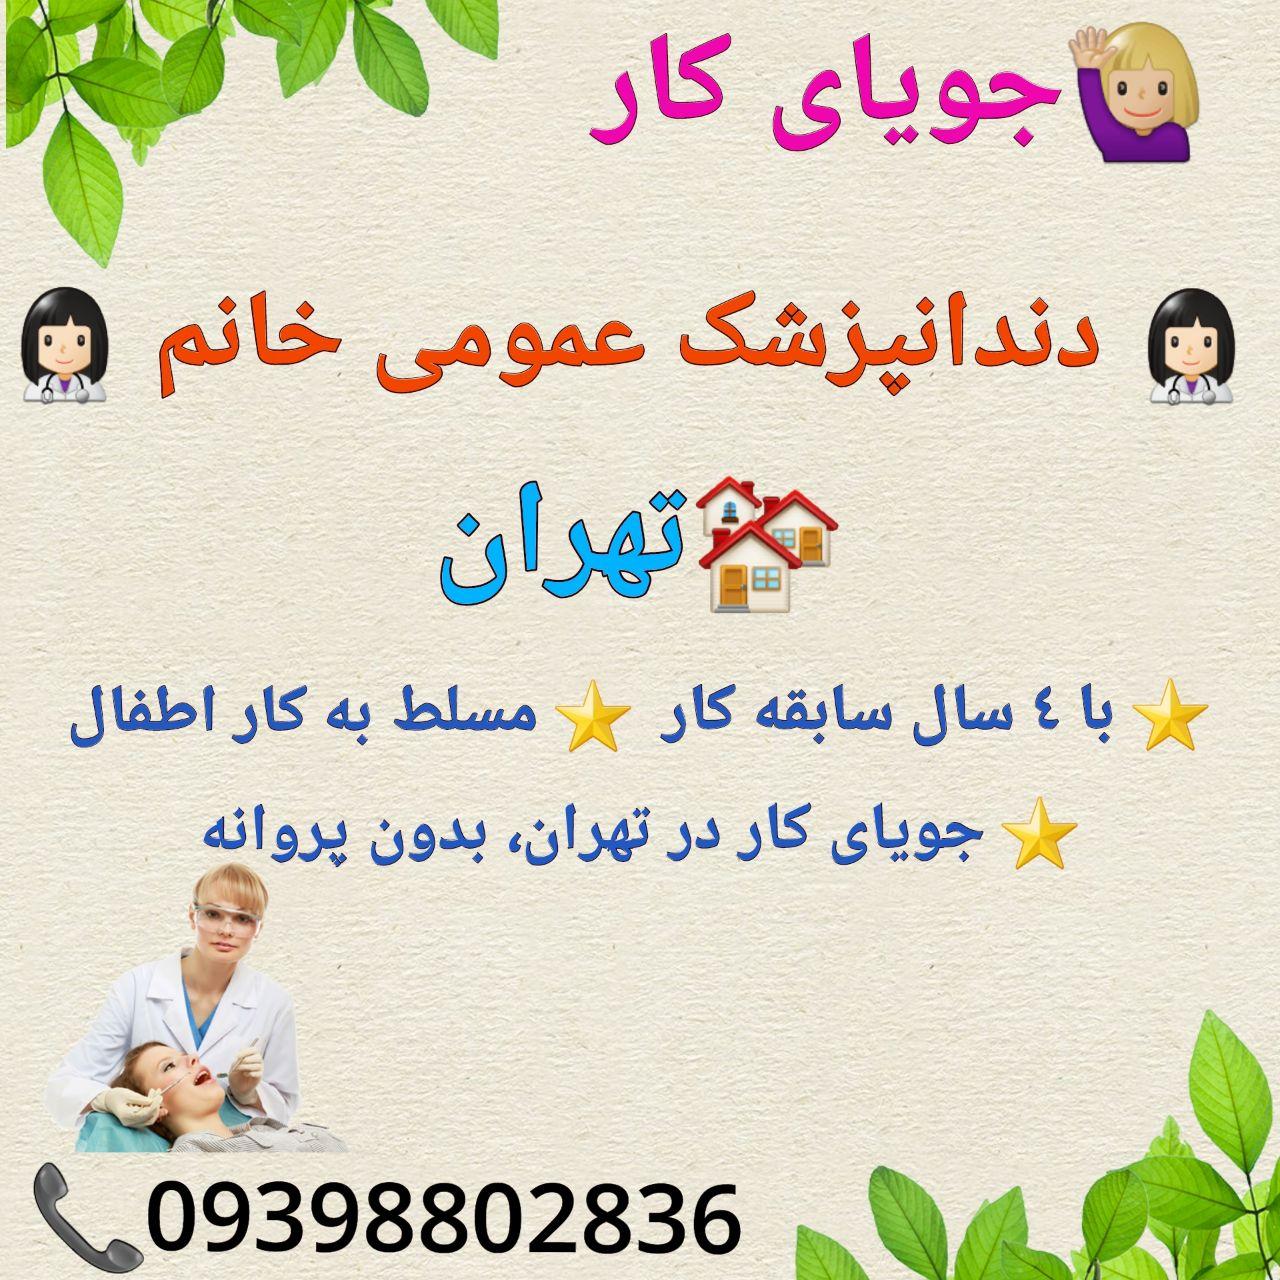 تهران: جویای کار دندانپزشک عمومی خانم